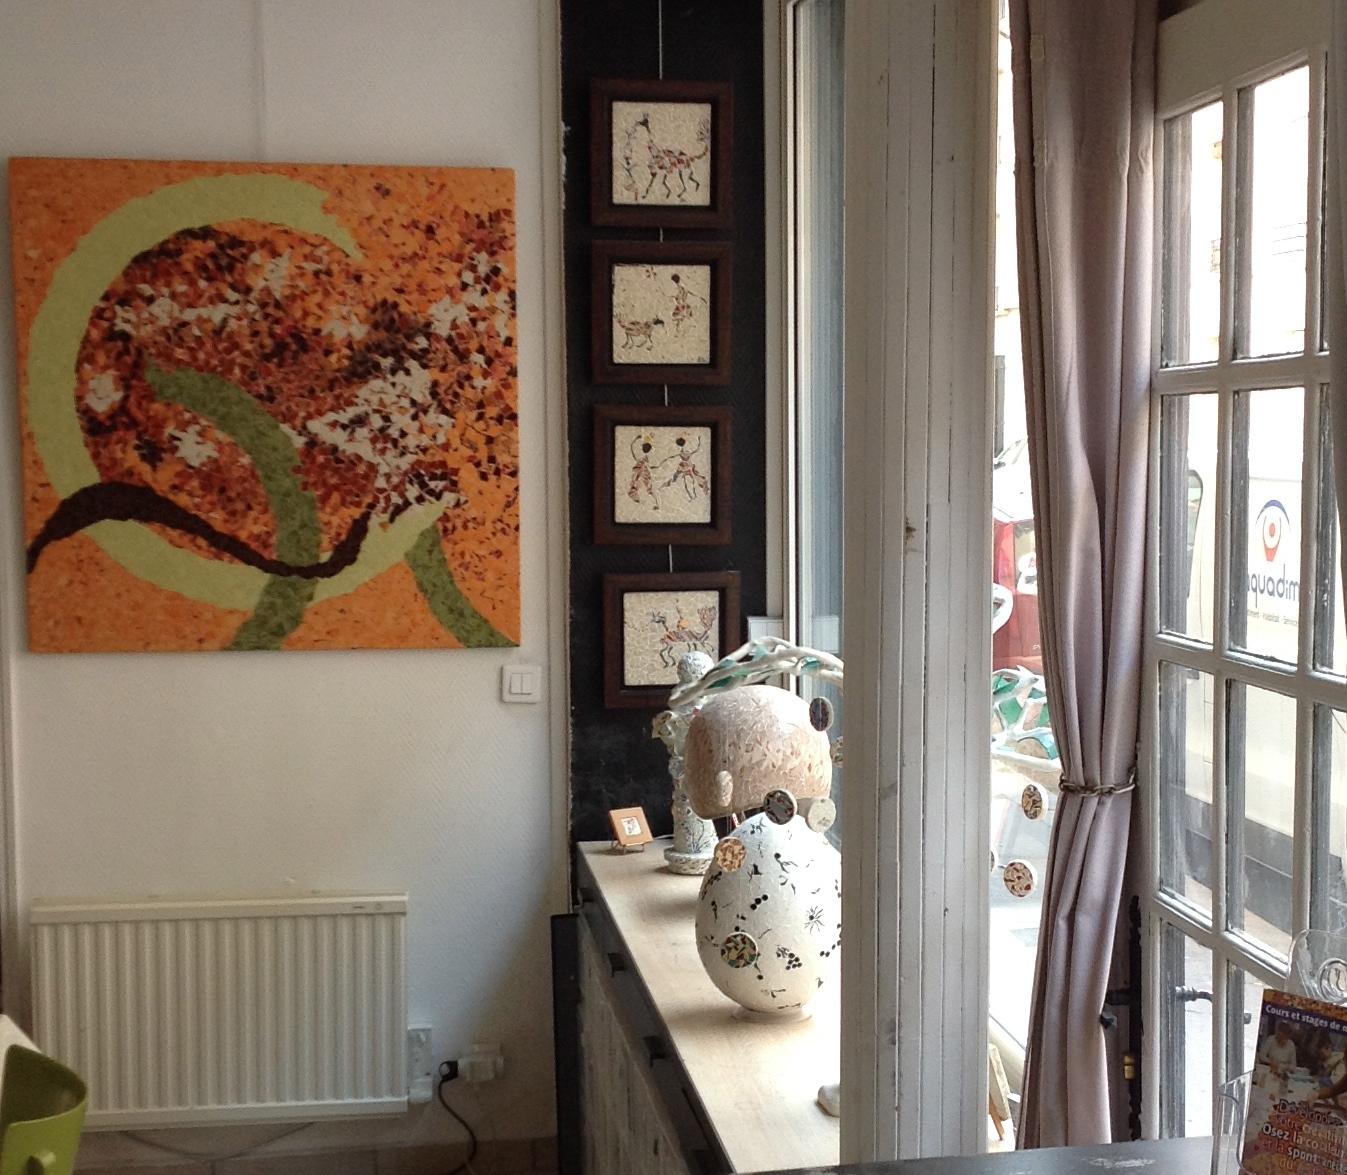 - JOURNEES DES METIERS D'ART COUPLEES AU PRINTEMPS DES ARTS DE PARIS 15L'atelier MARIE MINHAC ouvert de 11h à 19hles 6 et 7 AVRIL 201921 rue Jean Maridor - 75015métro Boucicaut - ligne 8